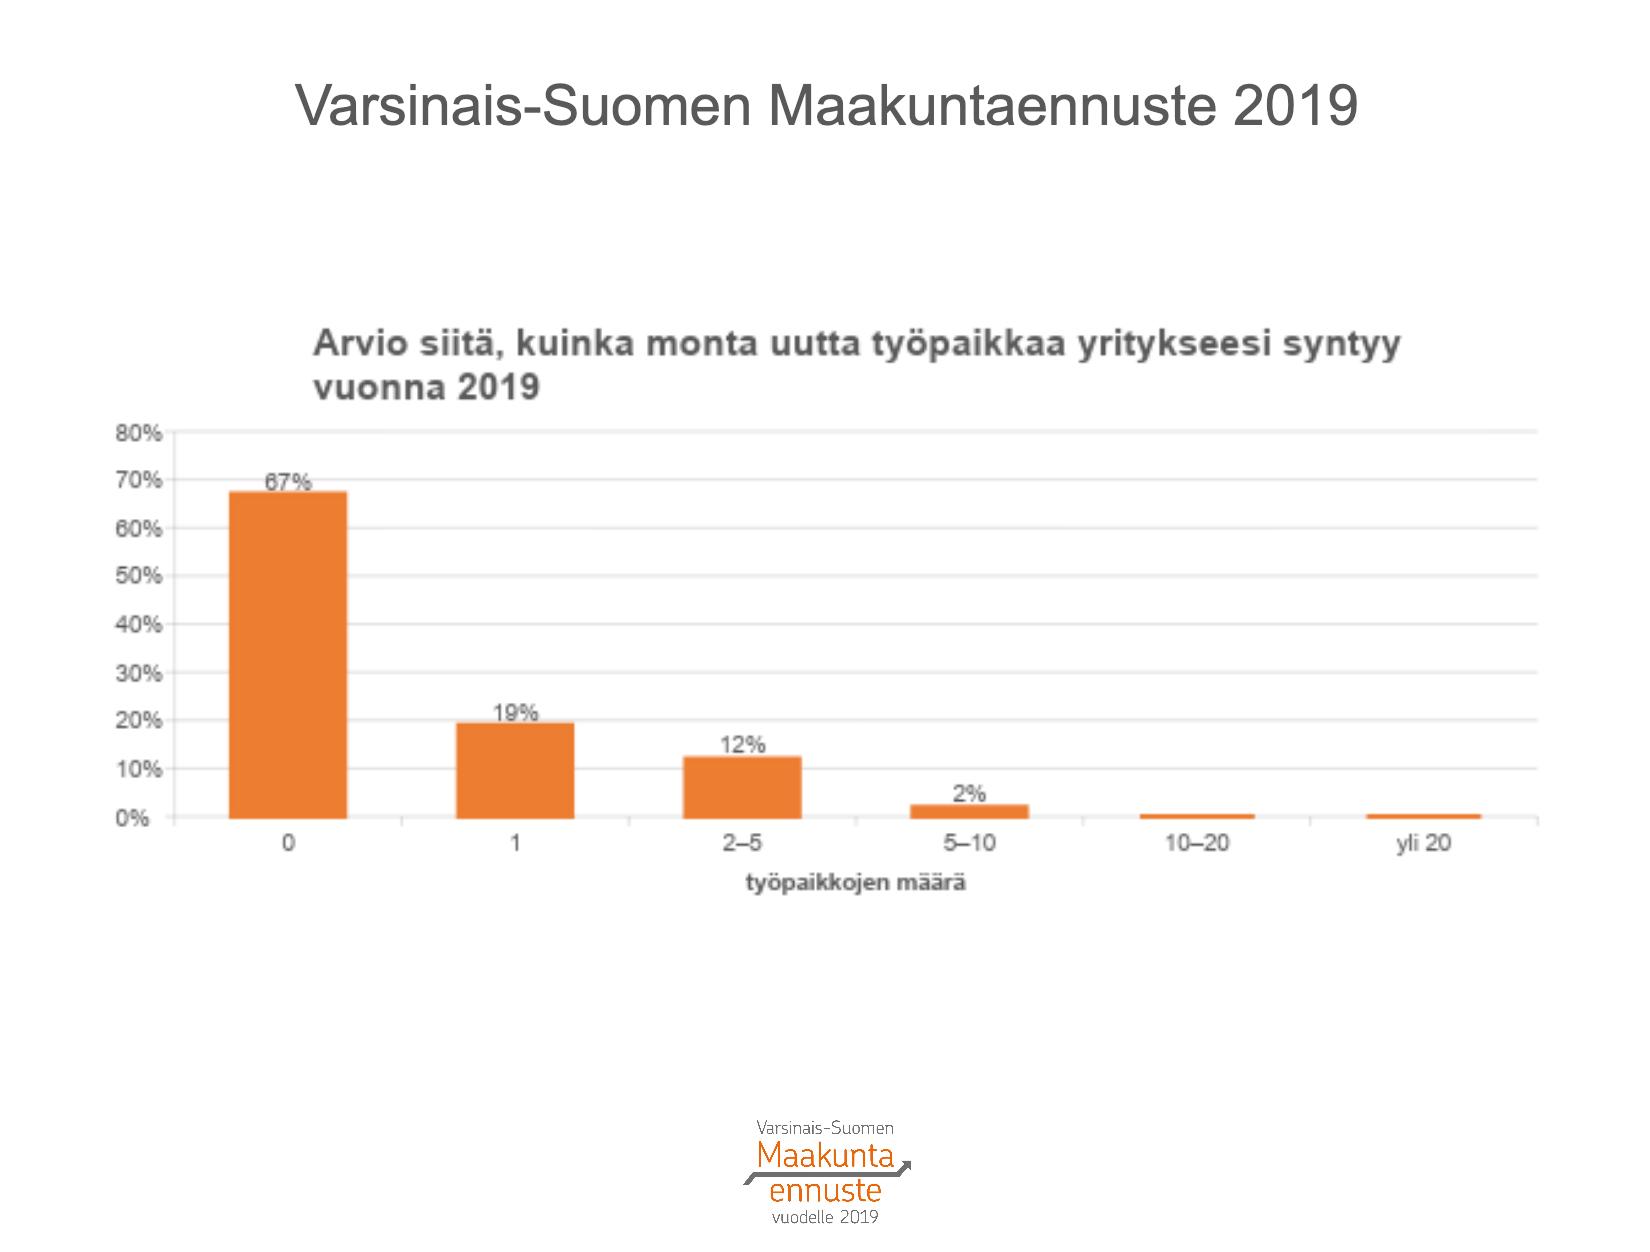 Varsinais-Suomen uudet työpaikat